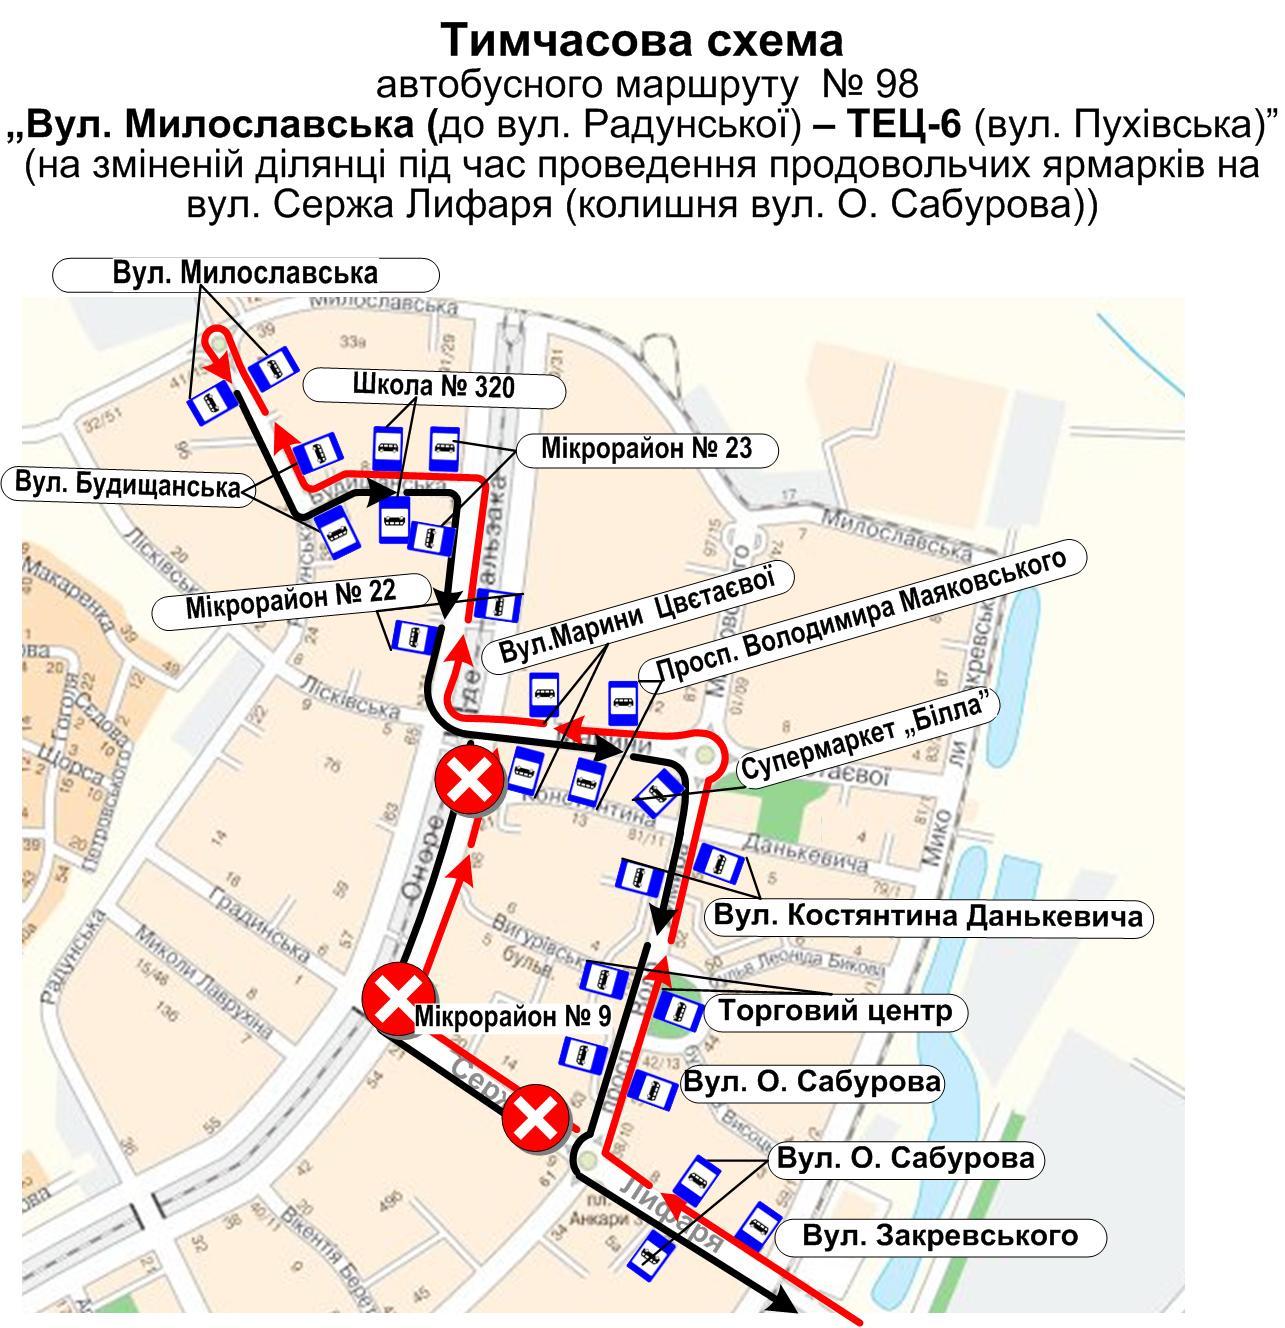 Автобус №98будет объезжатькусок своей трассы по улице Лифаря по улице Цветаевой и проспекту Маяковского